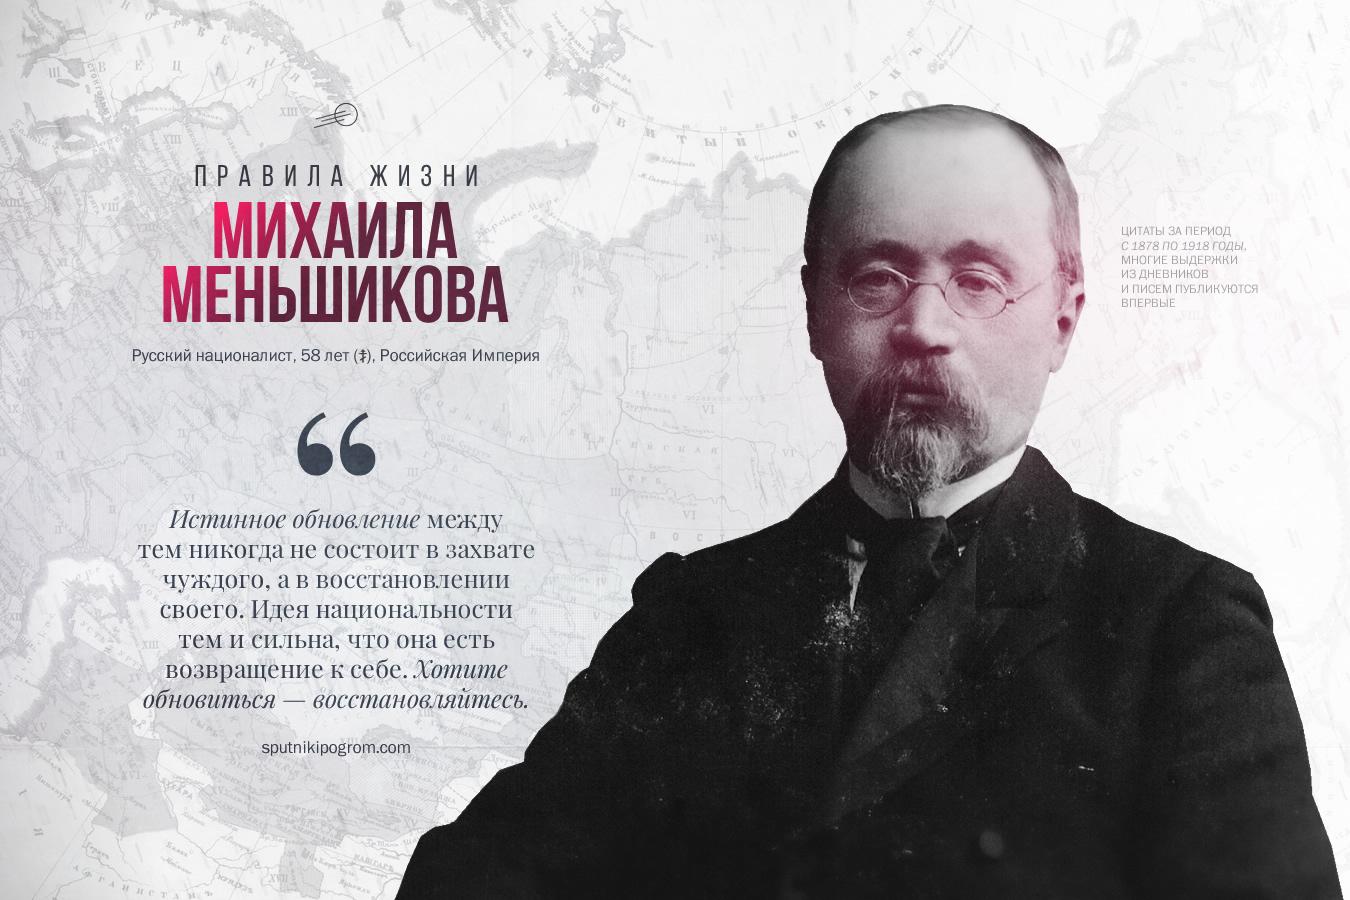 rulesofmenshikov